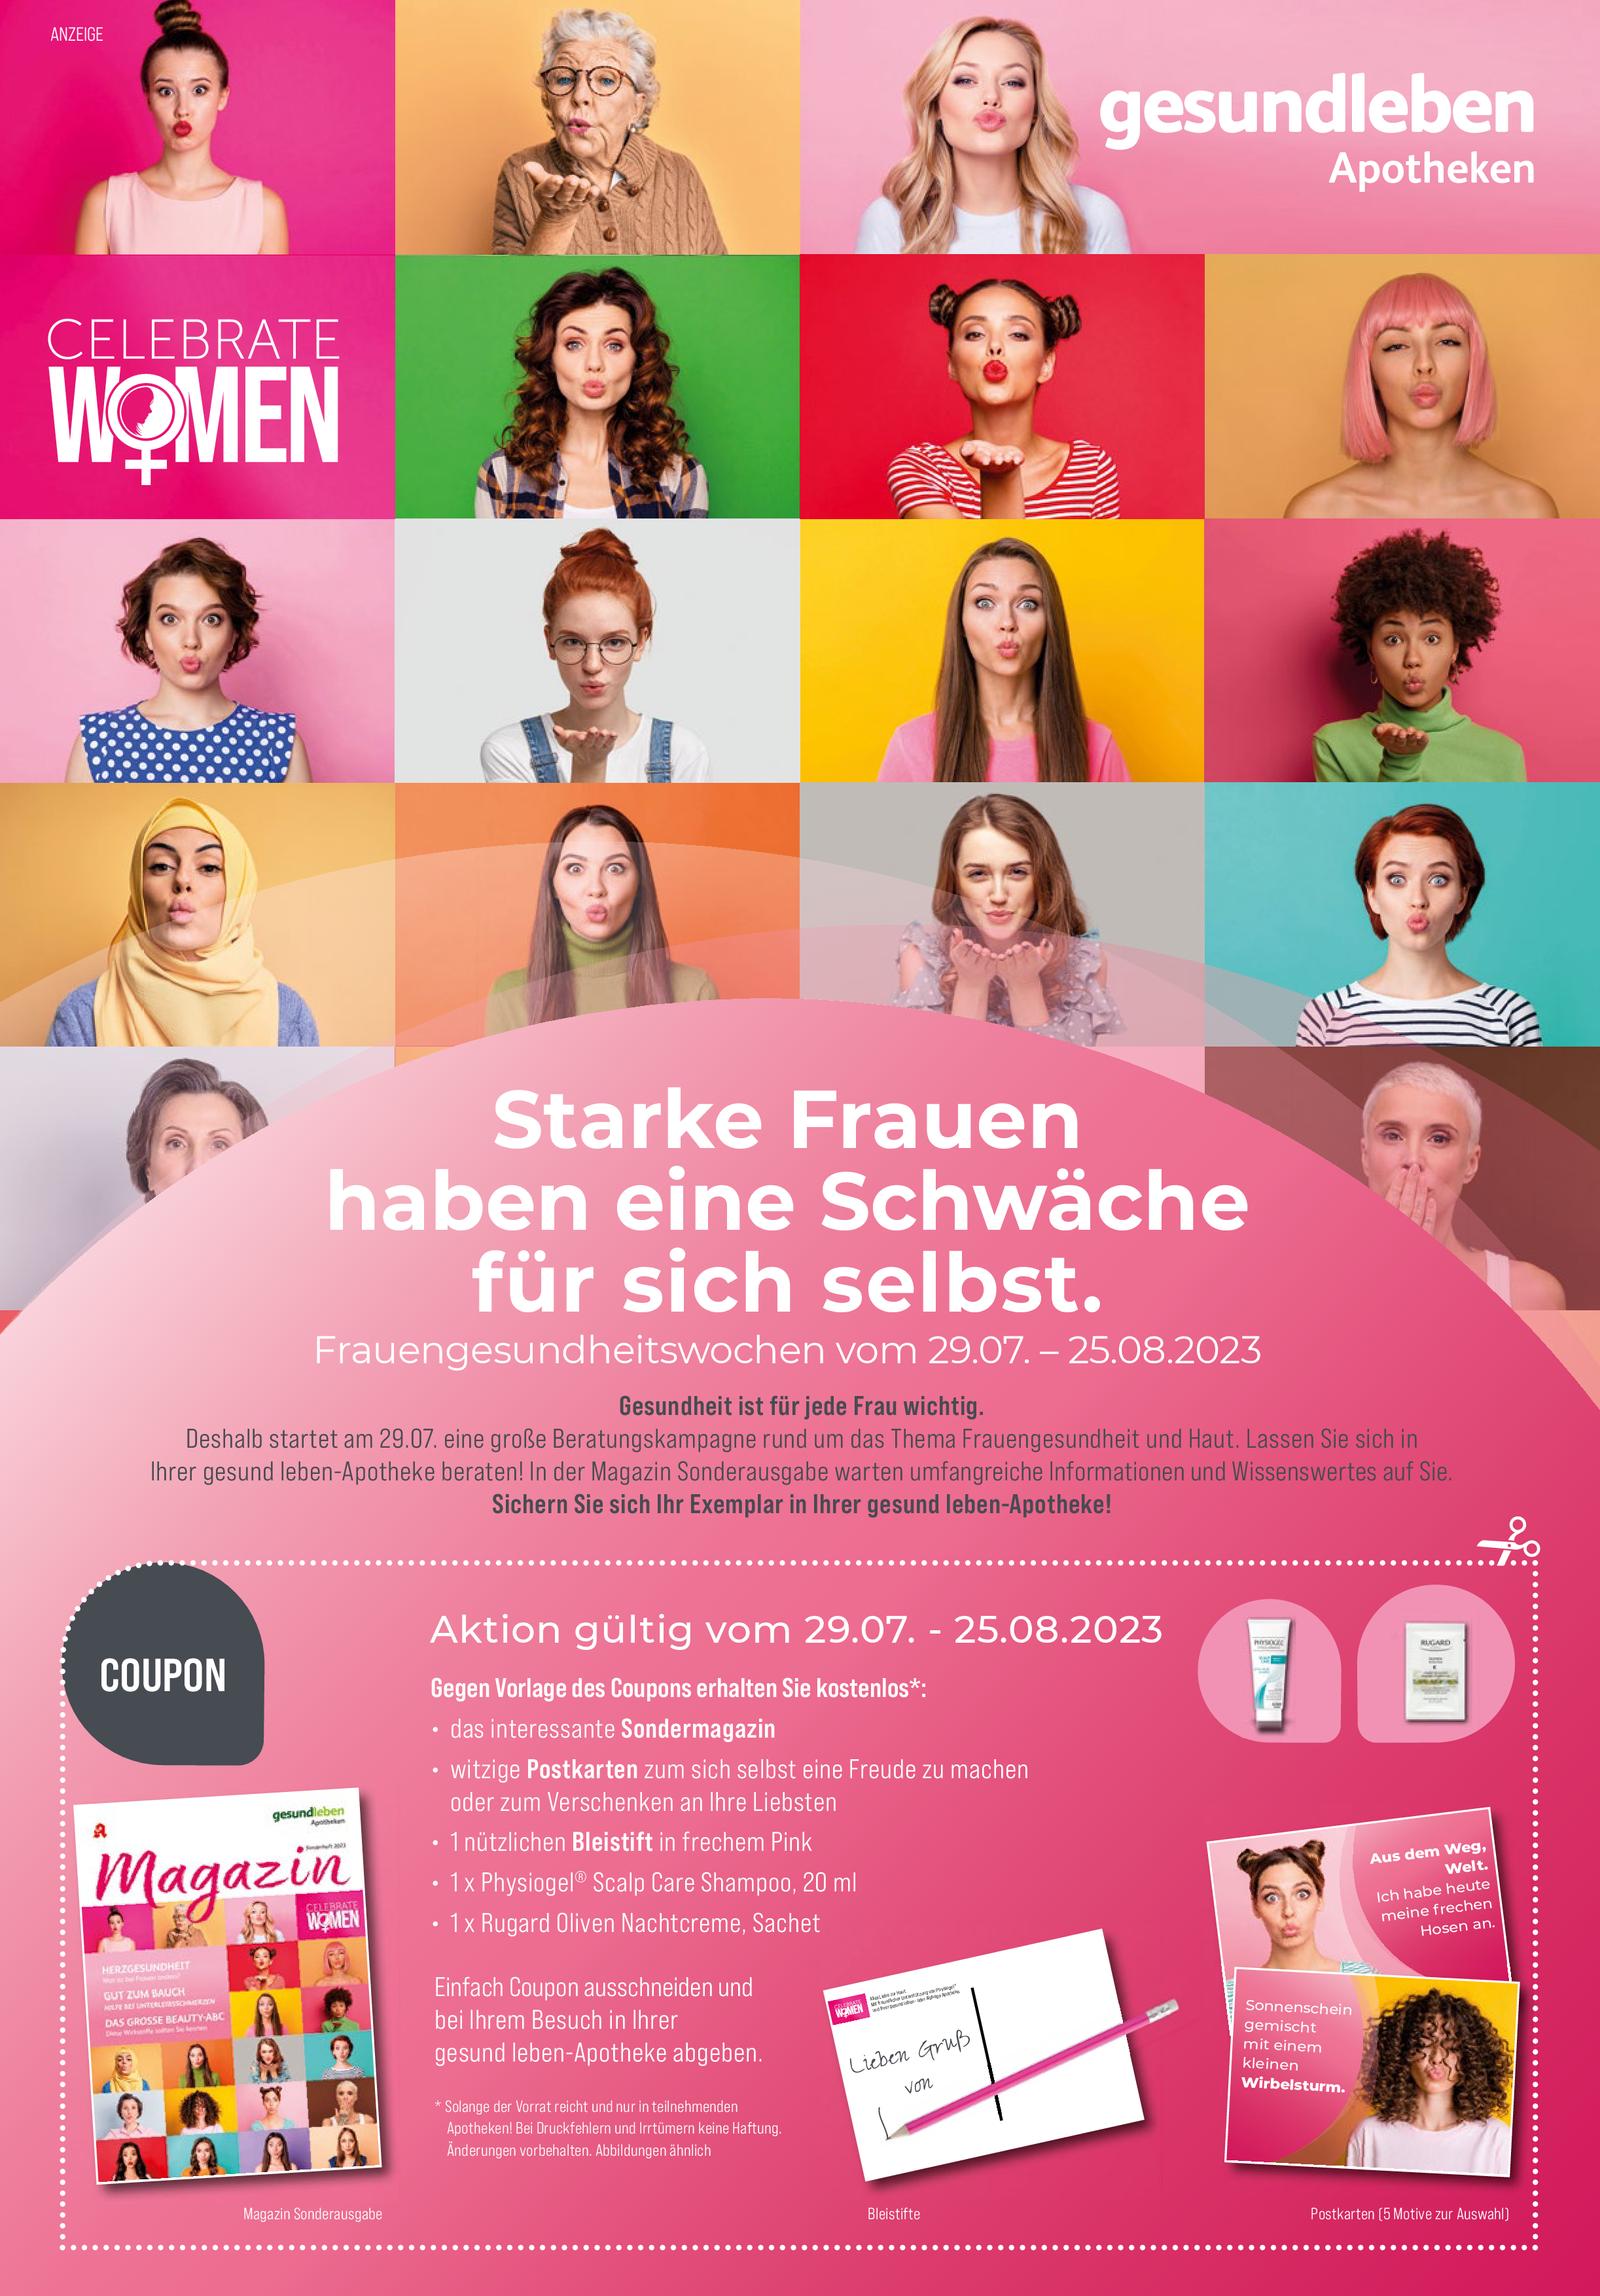 https://mein-uploads.apocdn.net/14170/leaflets/gesundleben_hoch-Seite5.png